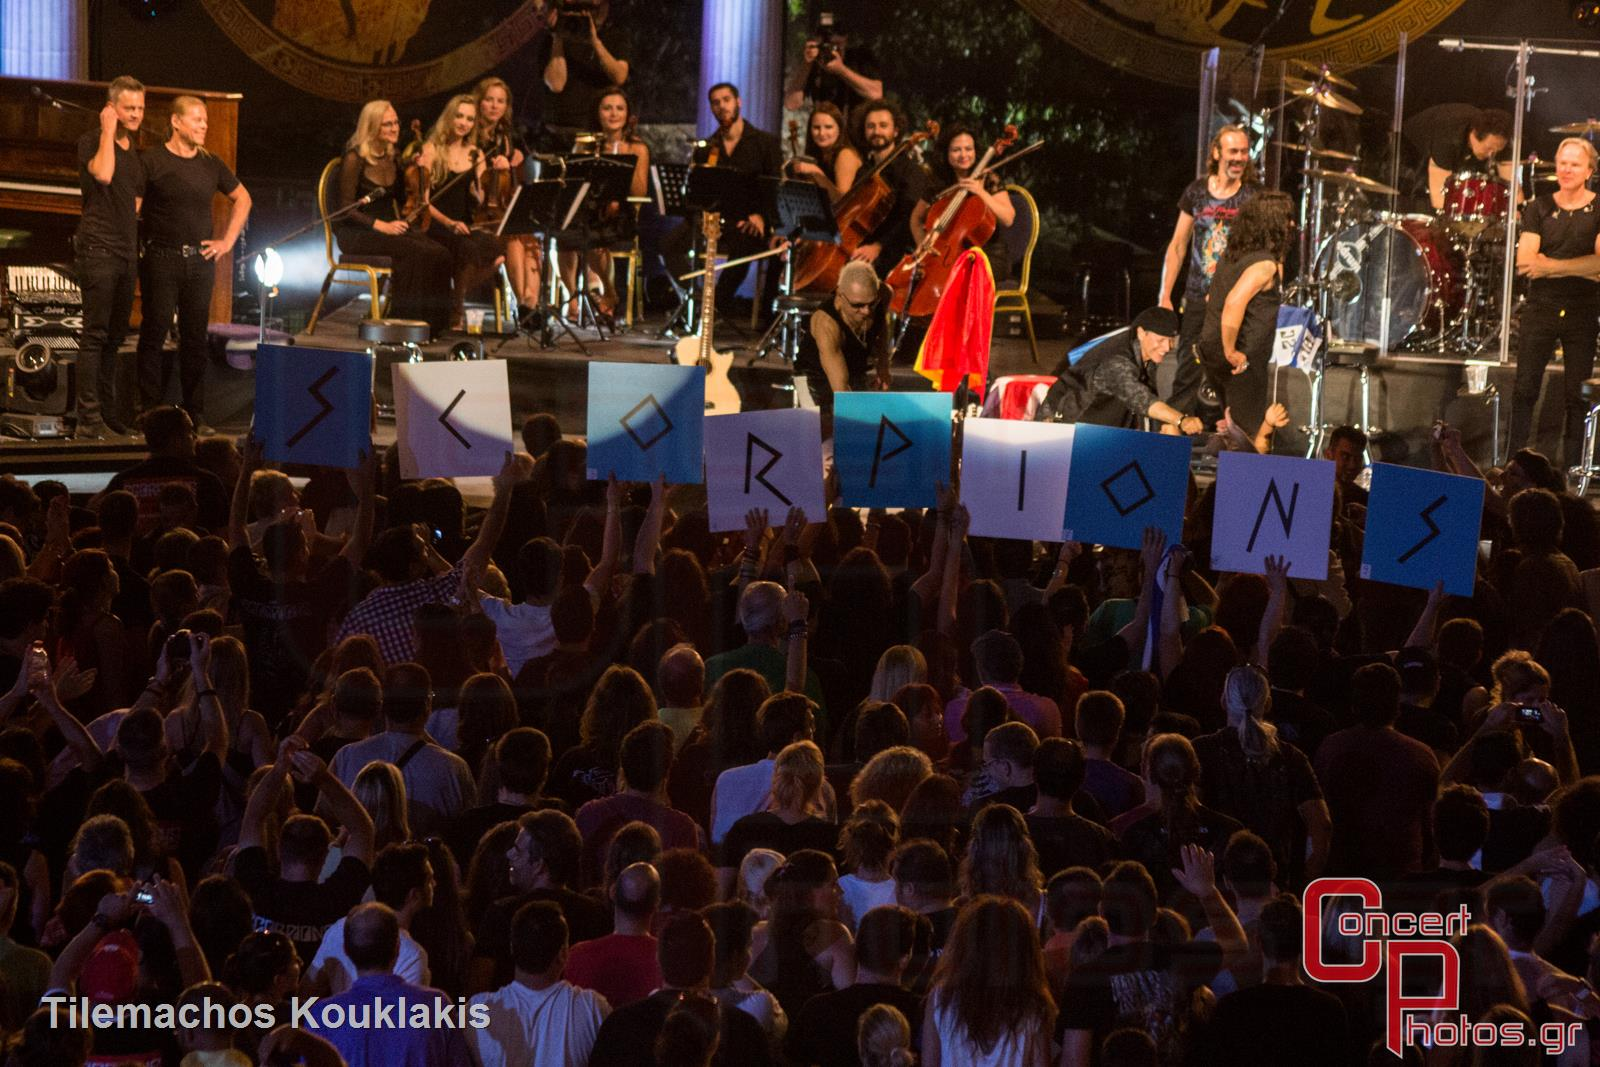 Scorpions-Scorpions photographer: Tilemachos Kouklakis - concertphotos_-6991